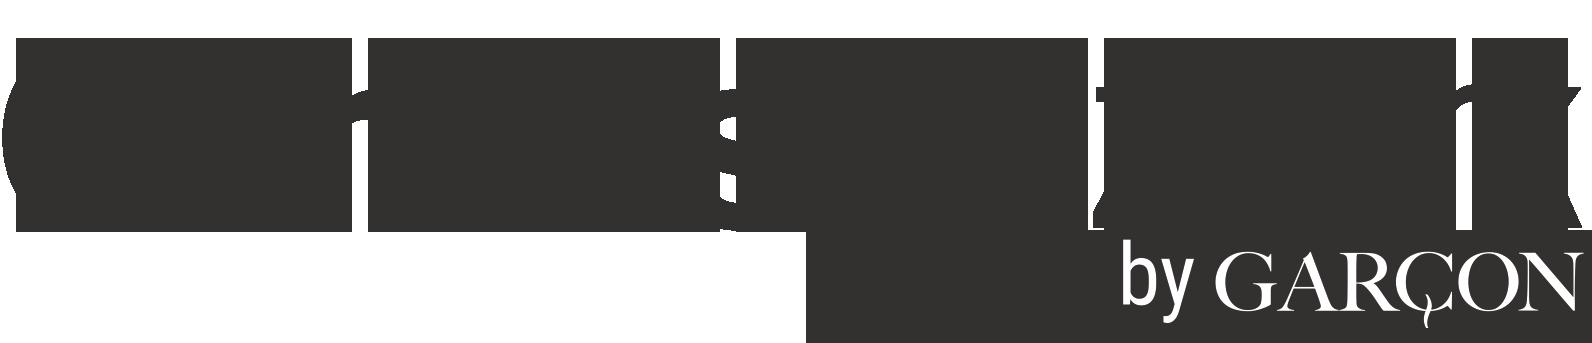 GenussNetzwerk